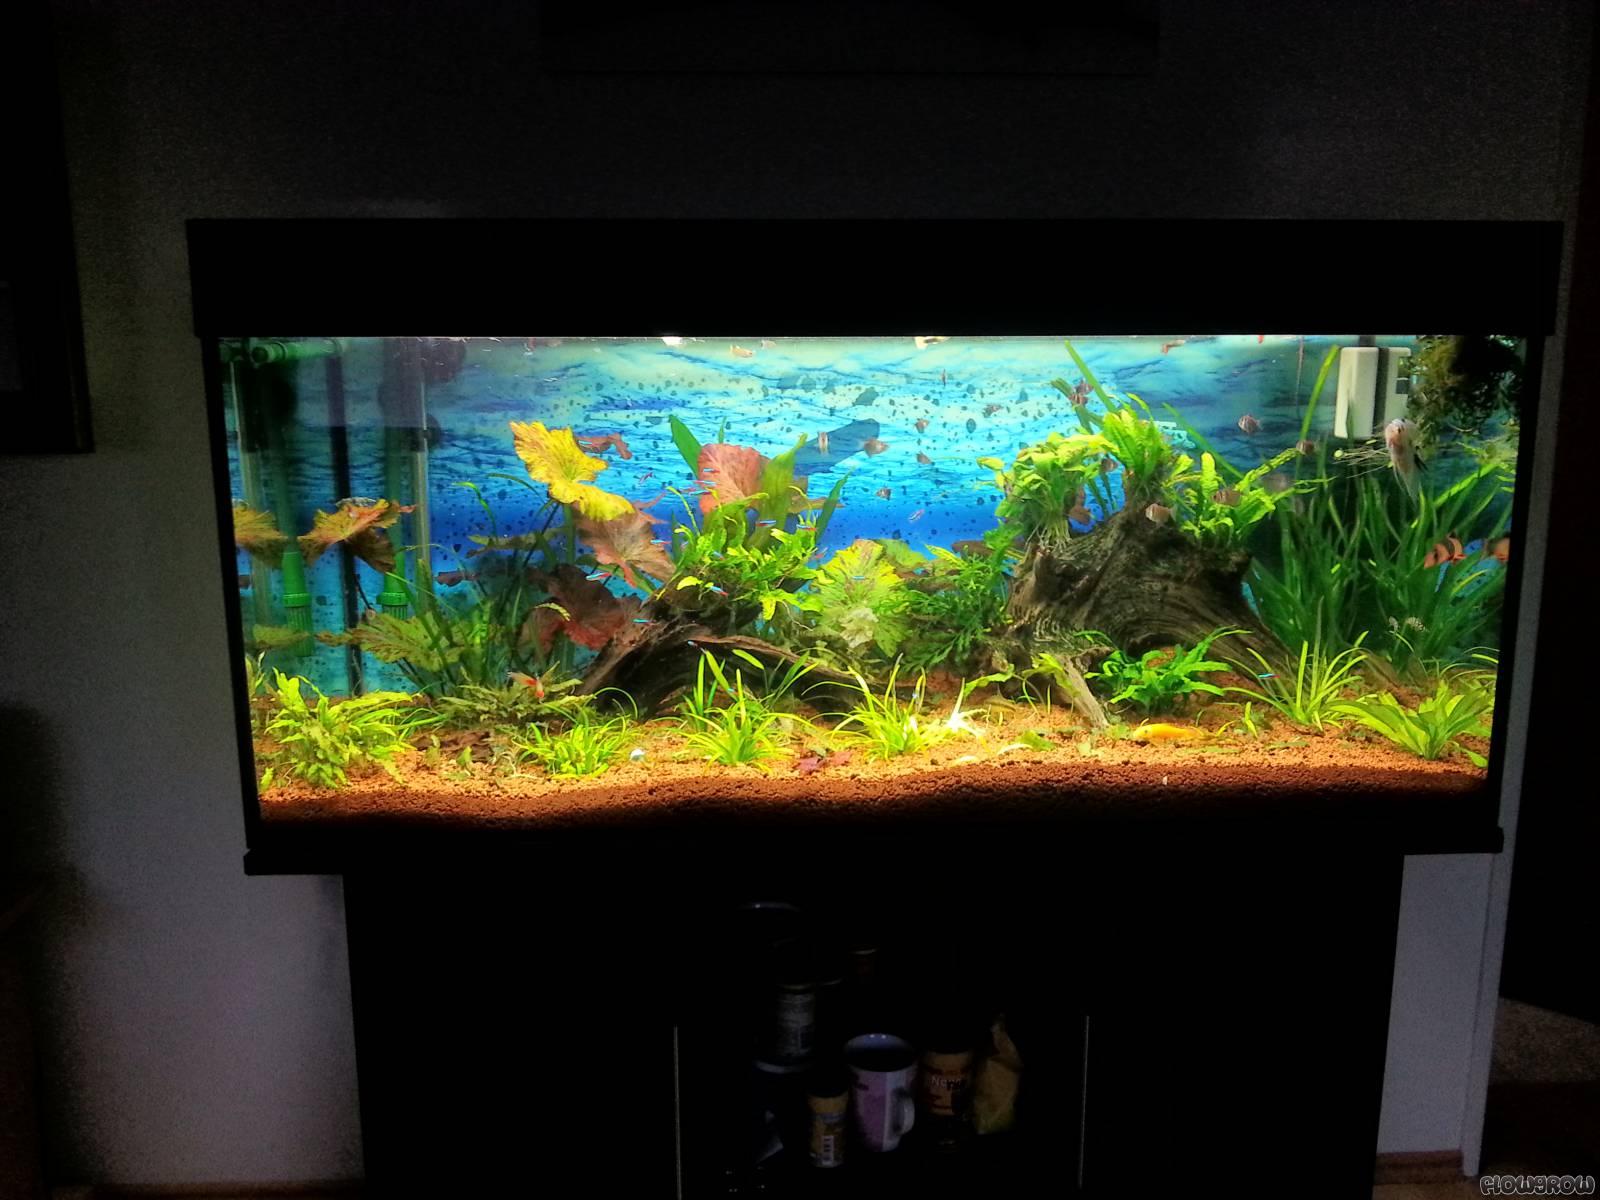 300l aquarium flowgrow aquascape aquarien datenbank. Black Bedroom Furniture Sets. Home Design Ideas